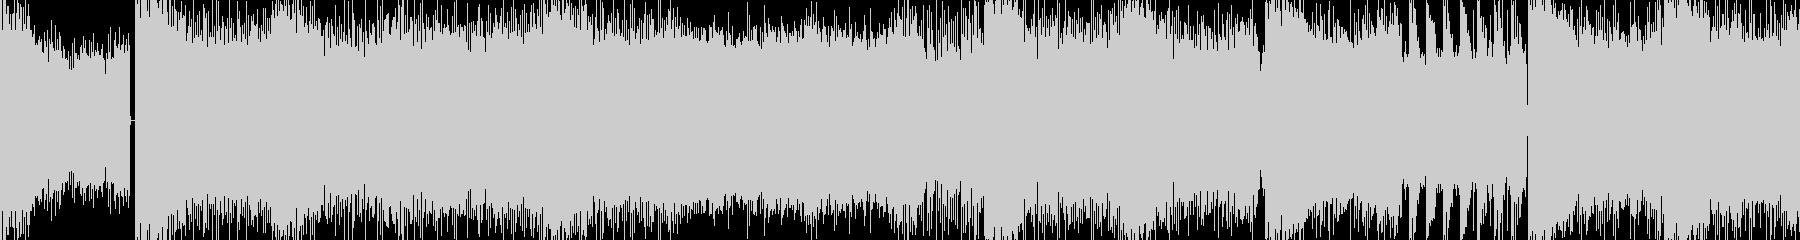 重たく迫力のあるメタルバトル曲 ループ版の未再生の波形